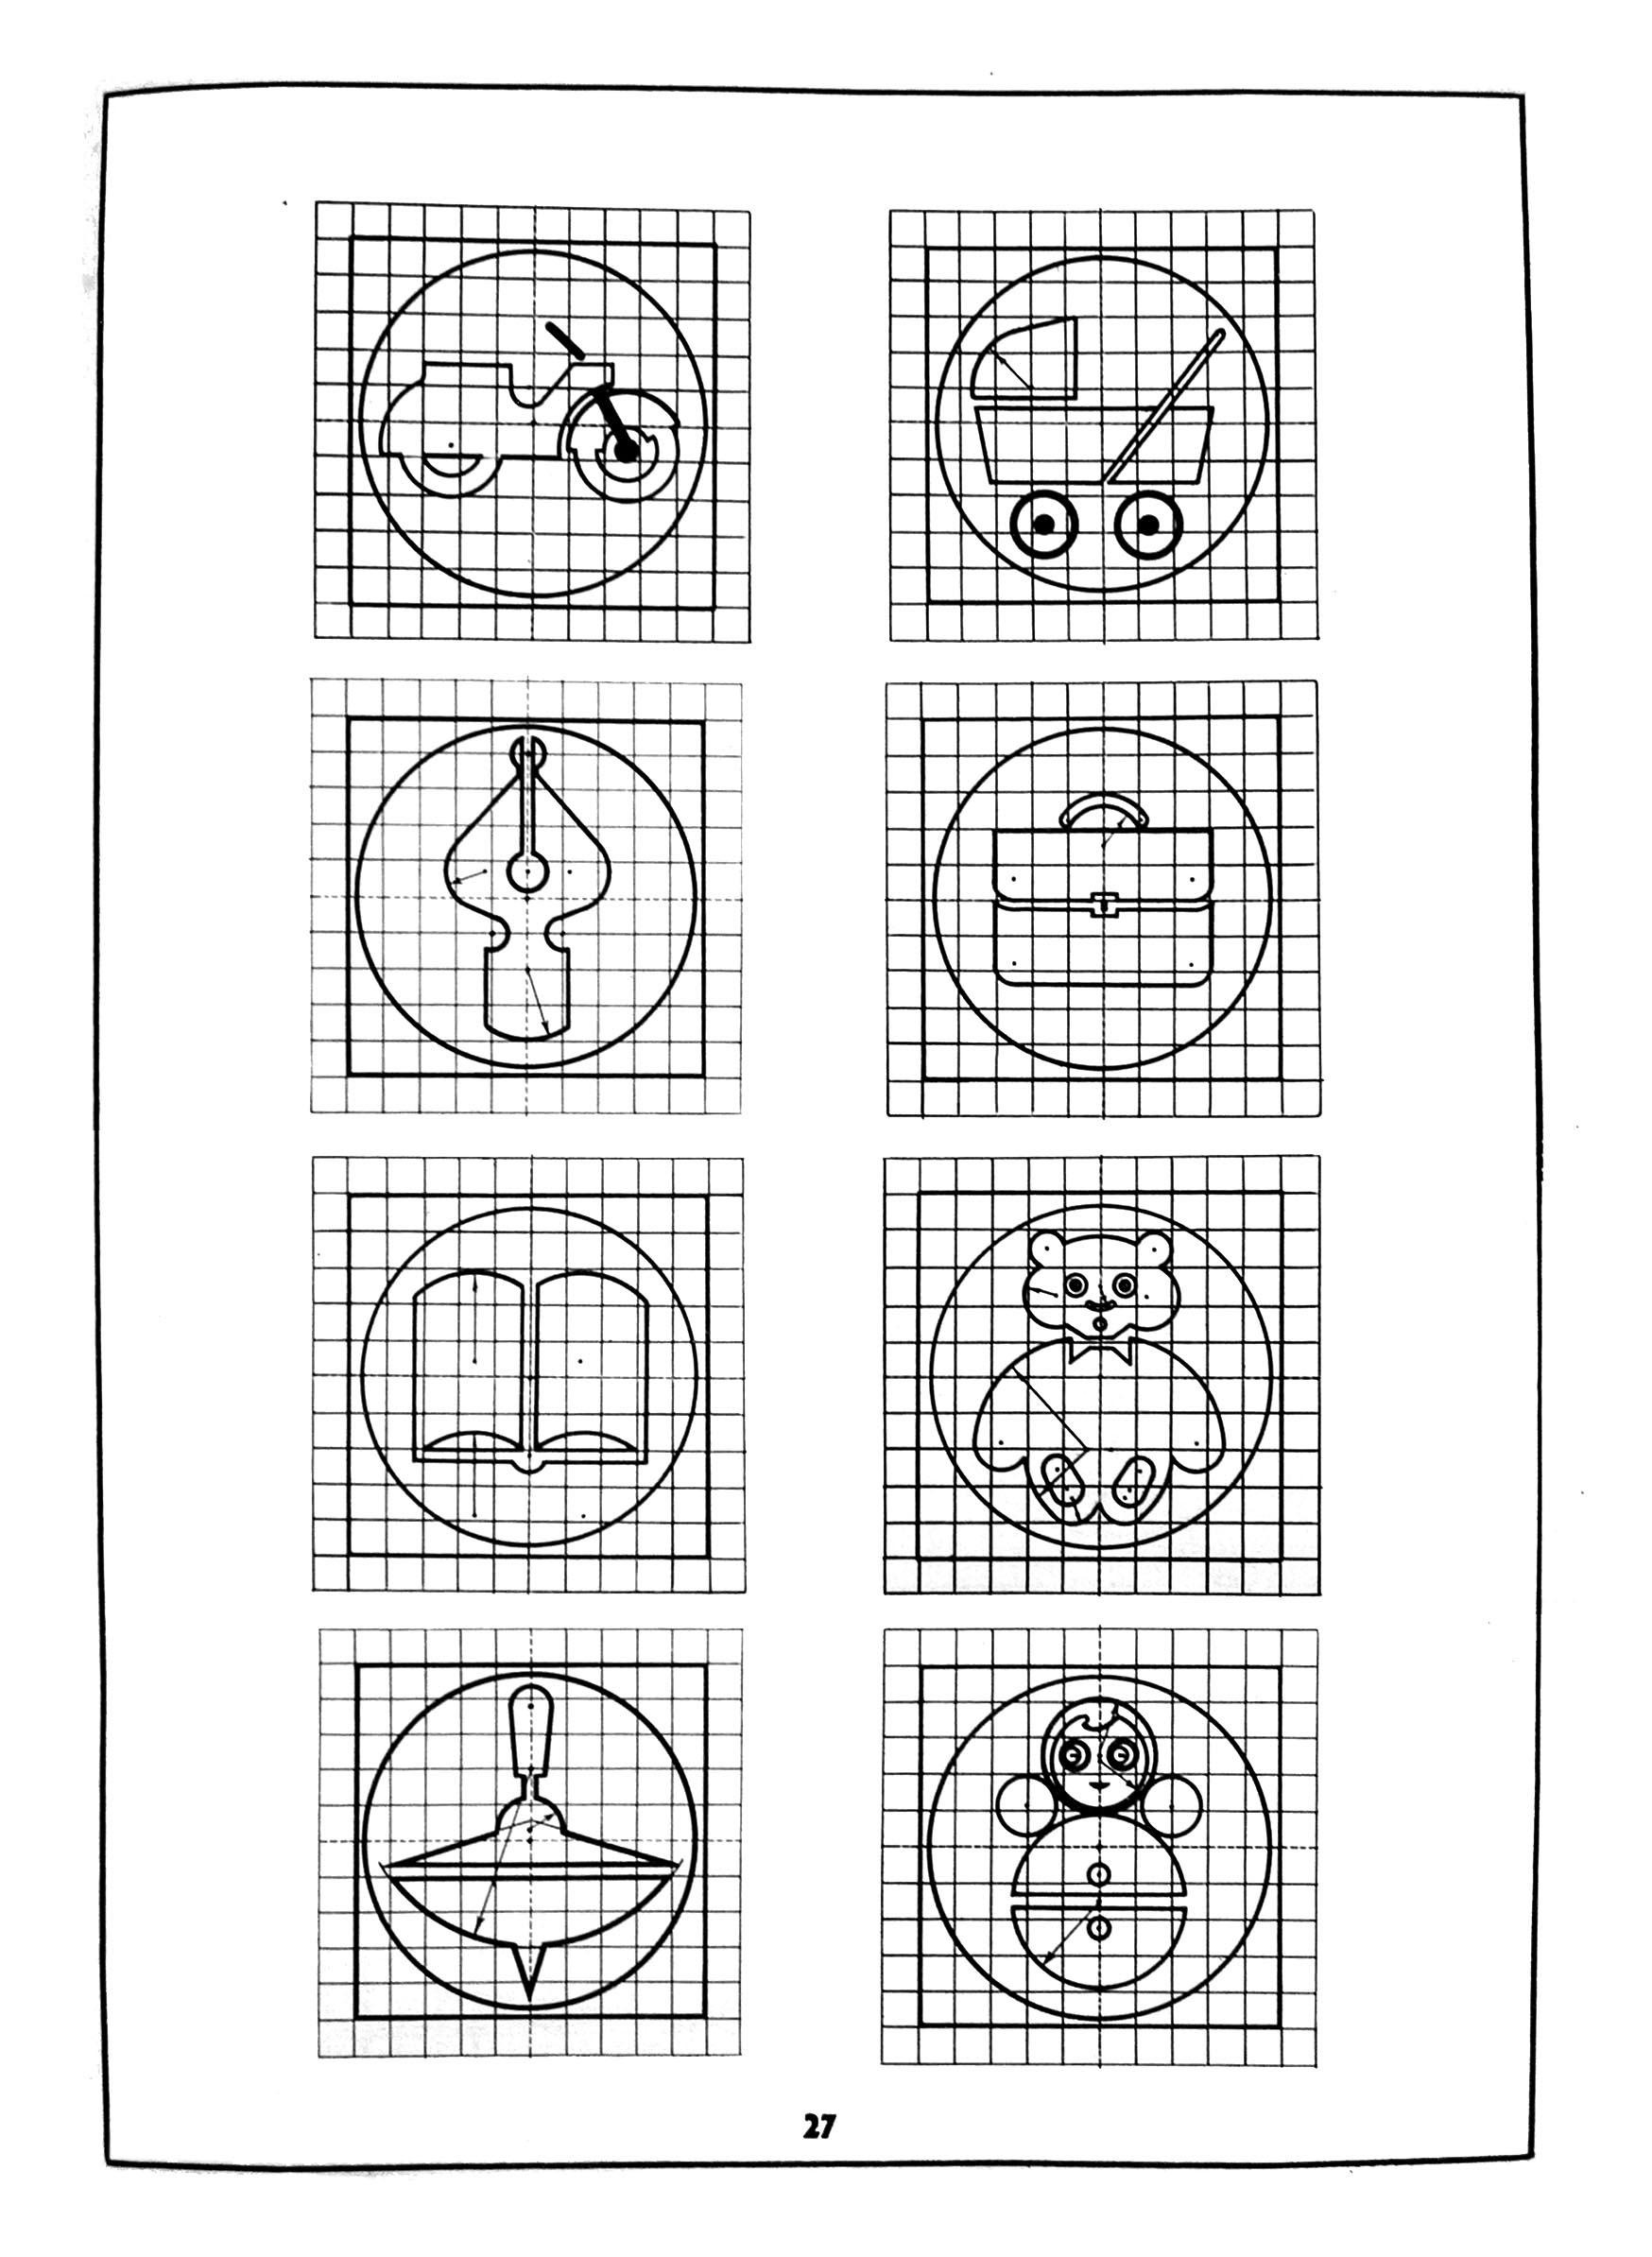 Графические рекламные символы групп товаров торговых, организации, рекламные, символы, групп, предприятий, советской, каталог, торговли, коллективом, Руководил, впервые, разработана, система, такая, Оригинал, магазинов, систем, навигационных, художников